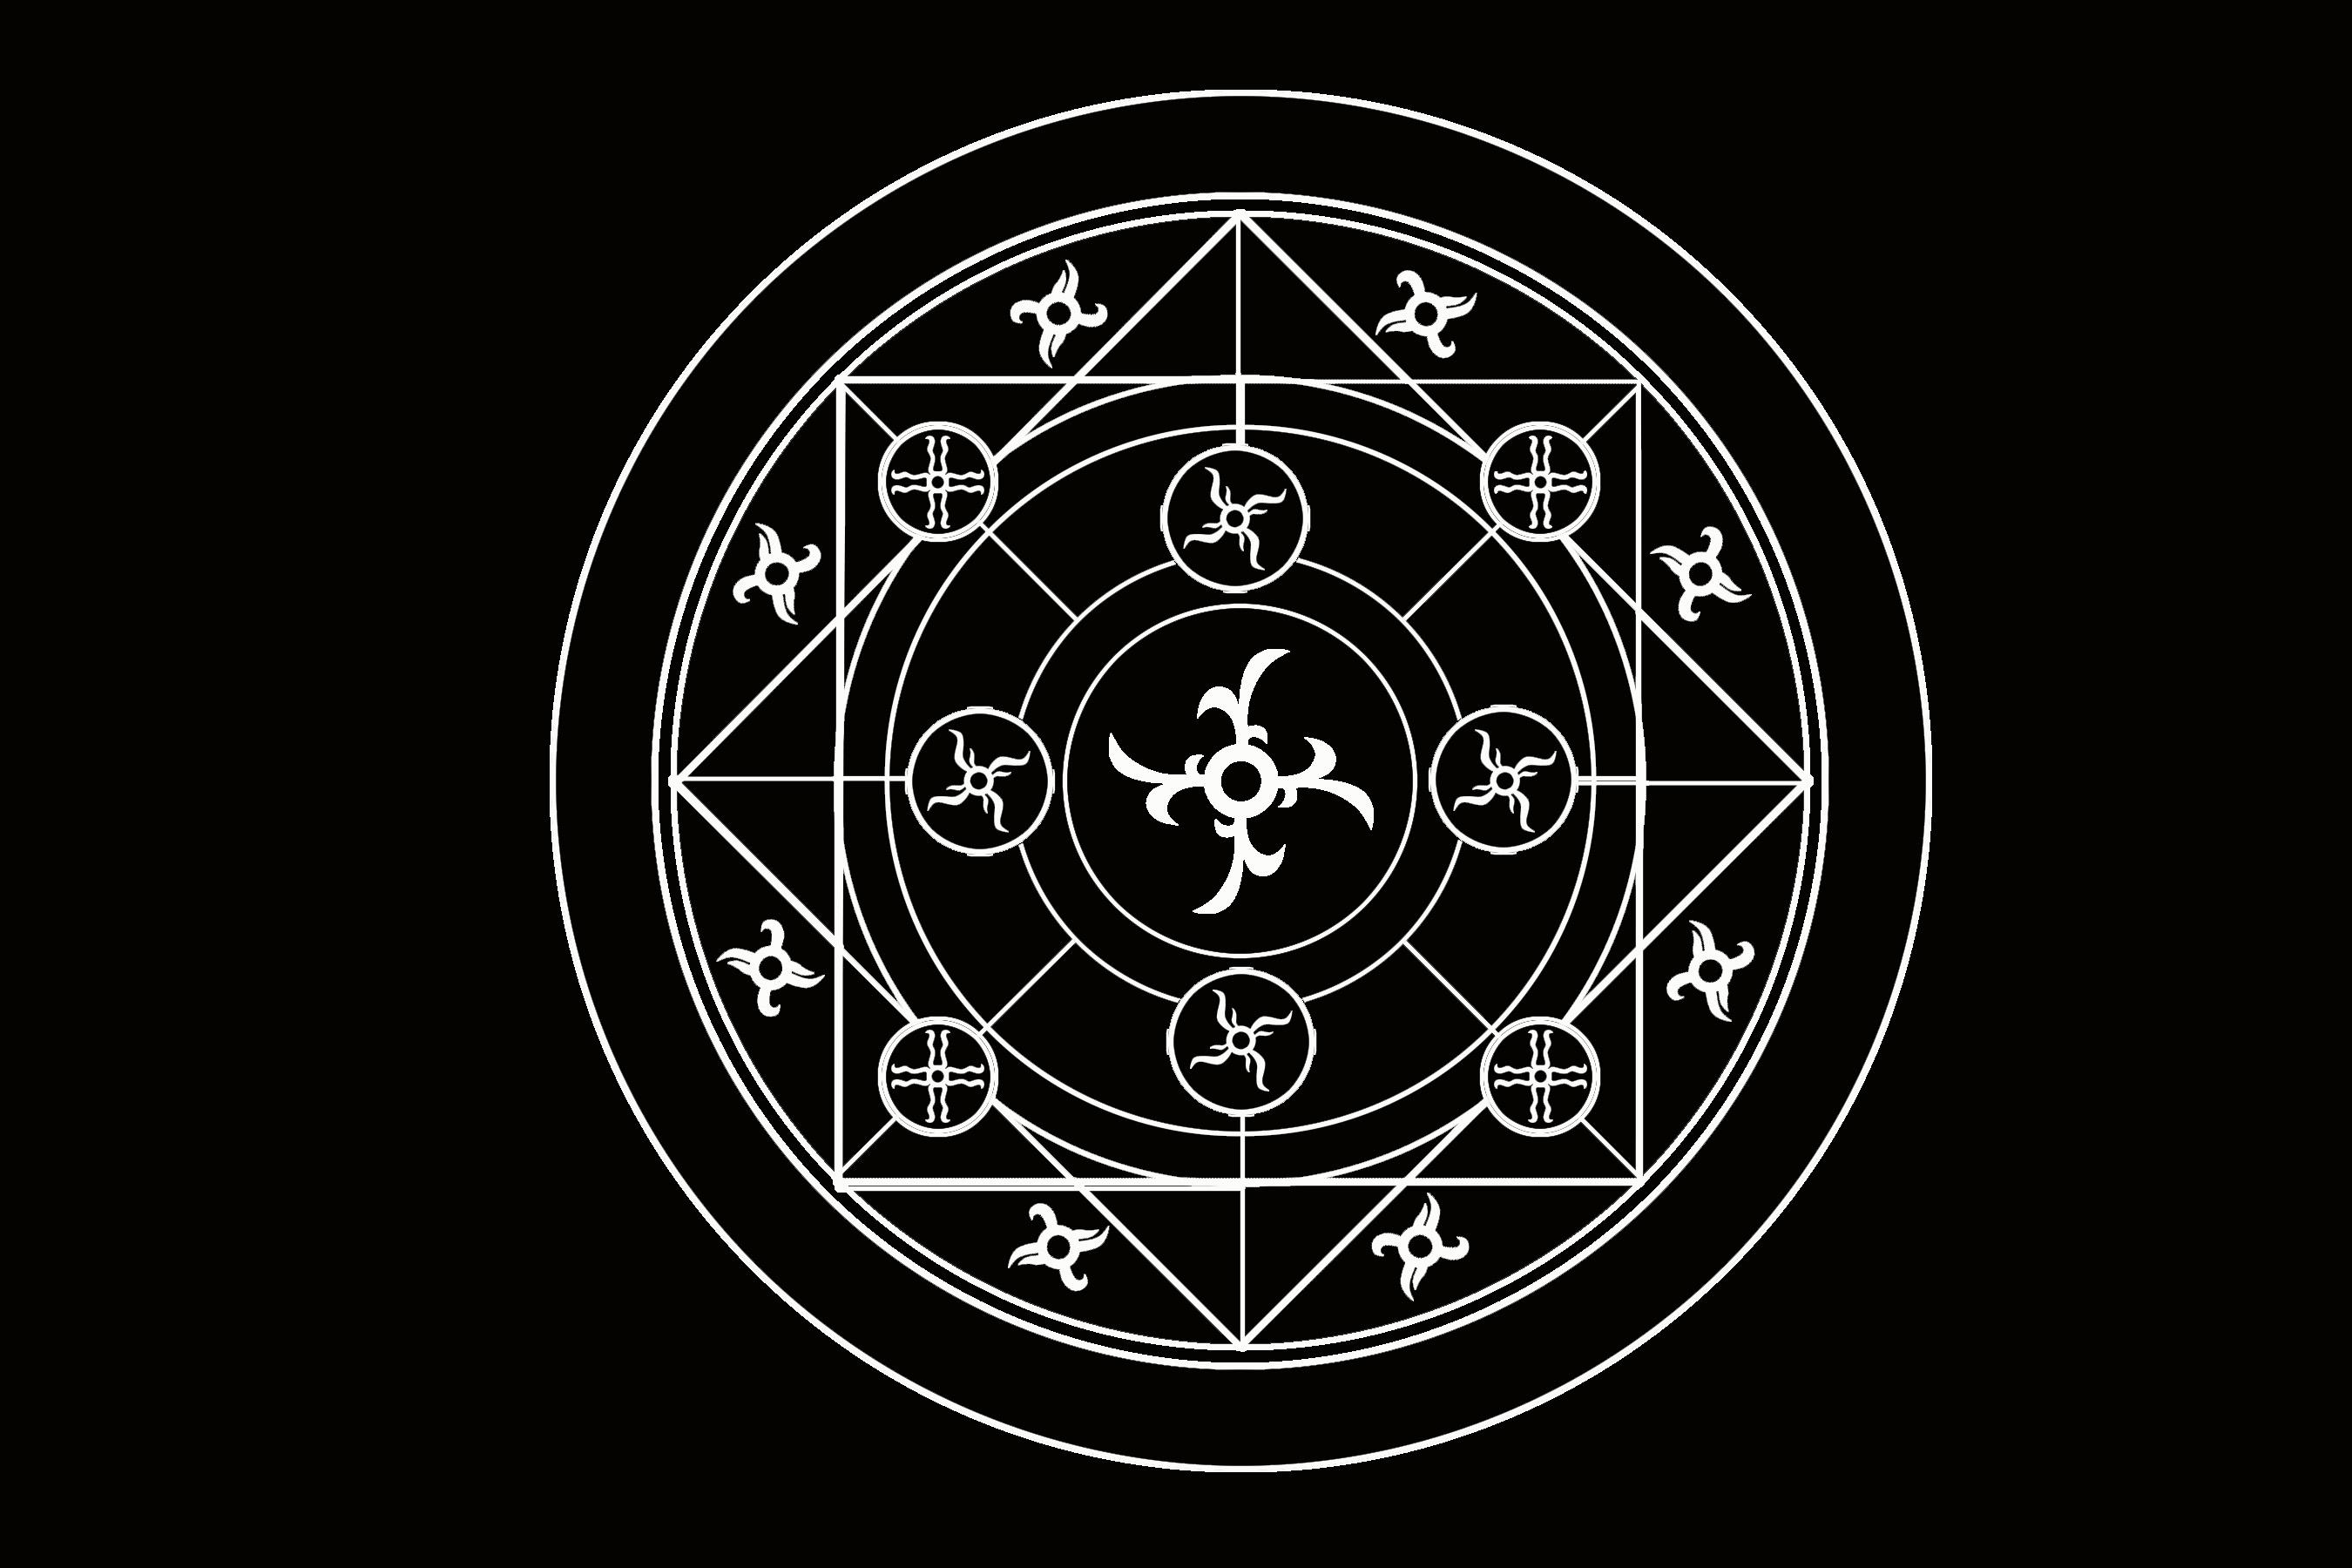 Encantadia 2016 the devas symbols on behance buycottarizona Images